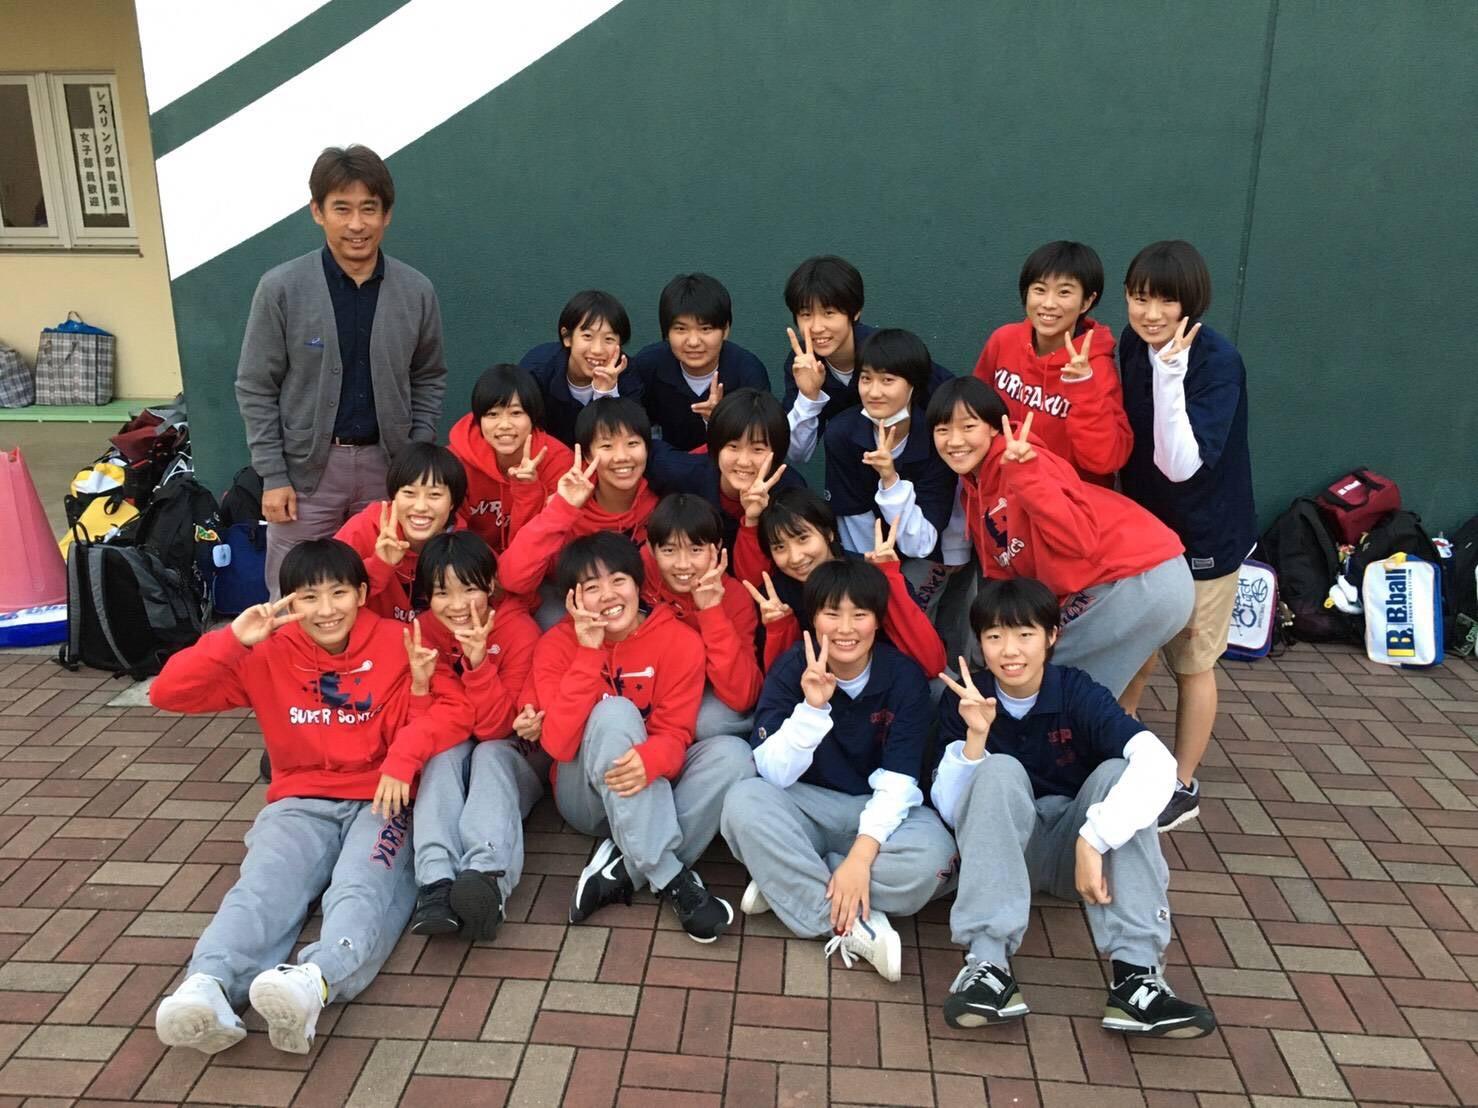 高校バスケIMG_0243